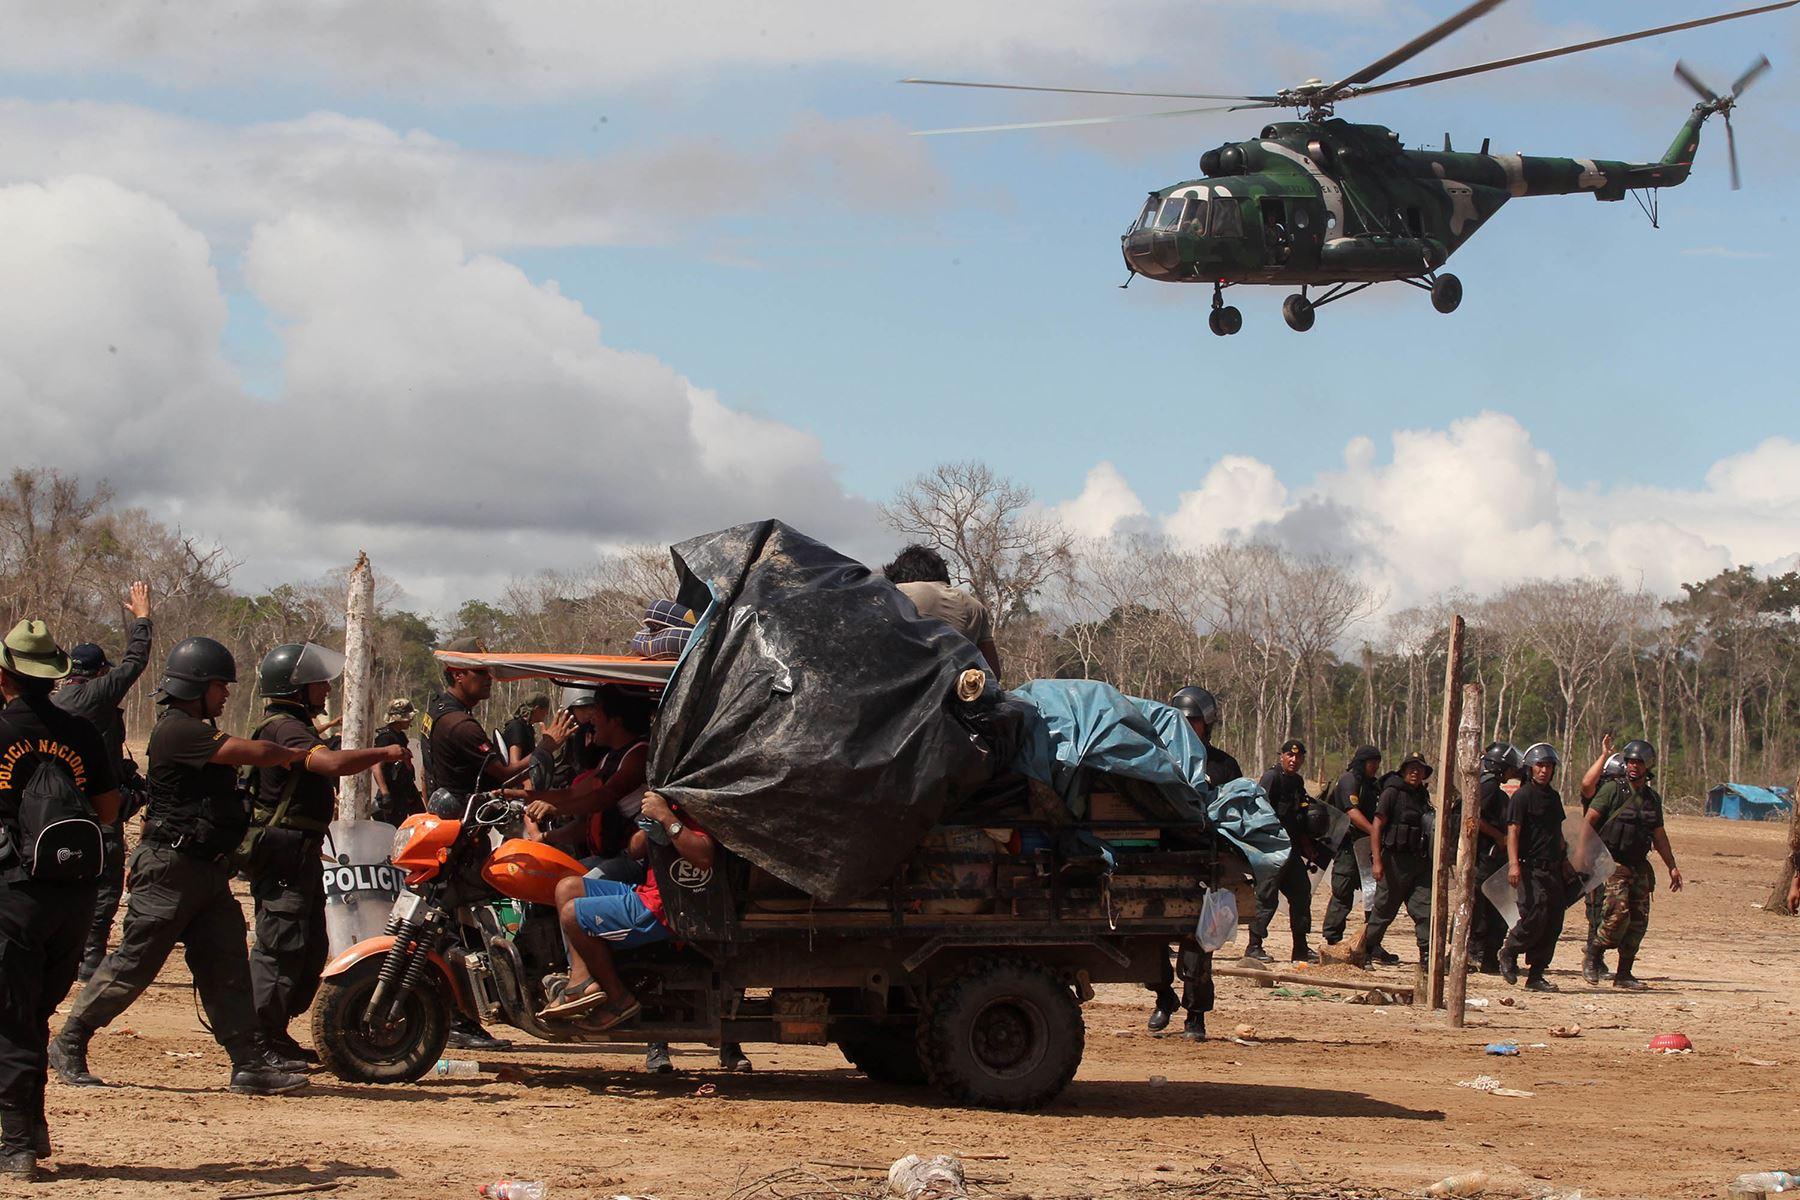 Fotografía tomada el 16 mayo 2014 /  Efectivos de las fuerzas del orden realizan un operativo de interdicción contra la minería ilegal en Madre de Dios.  Foto: Andina / Vidal Tarqui